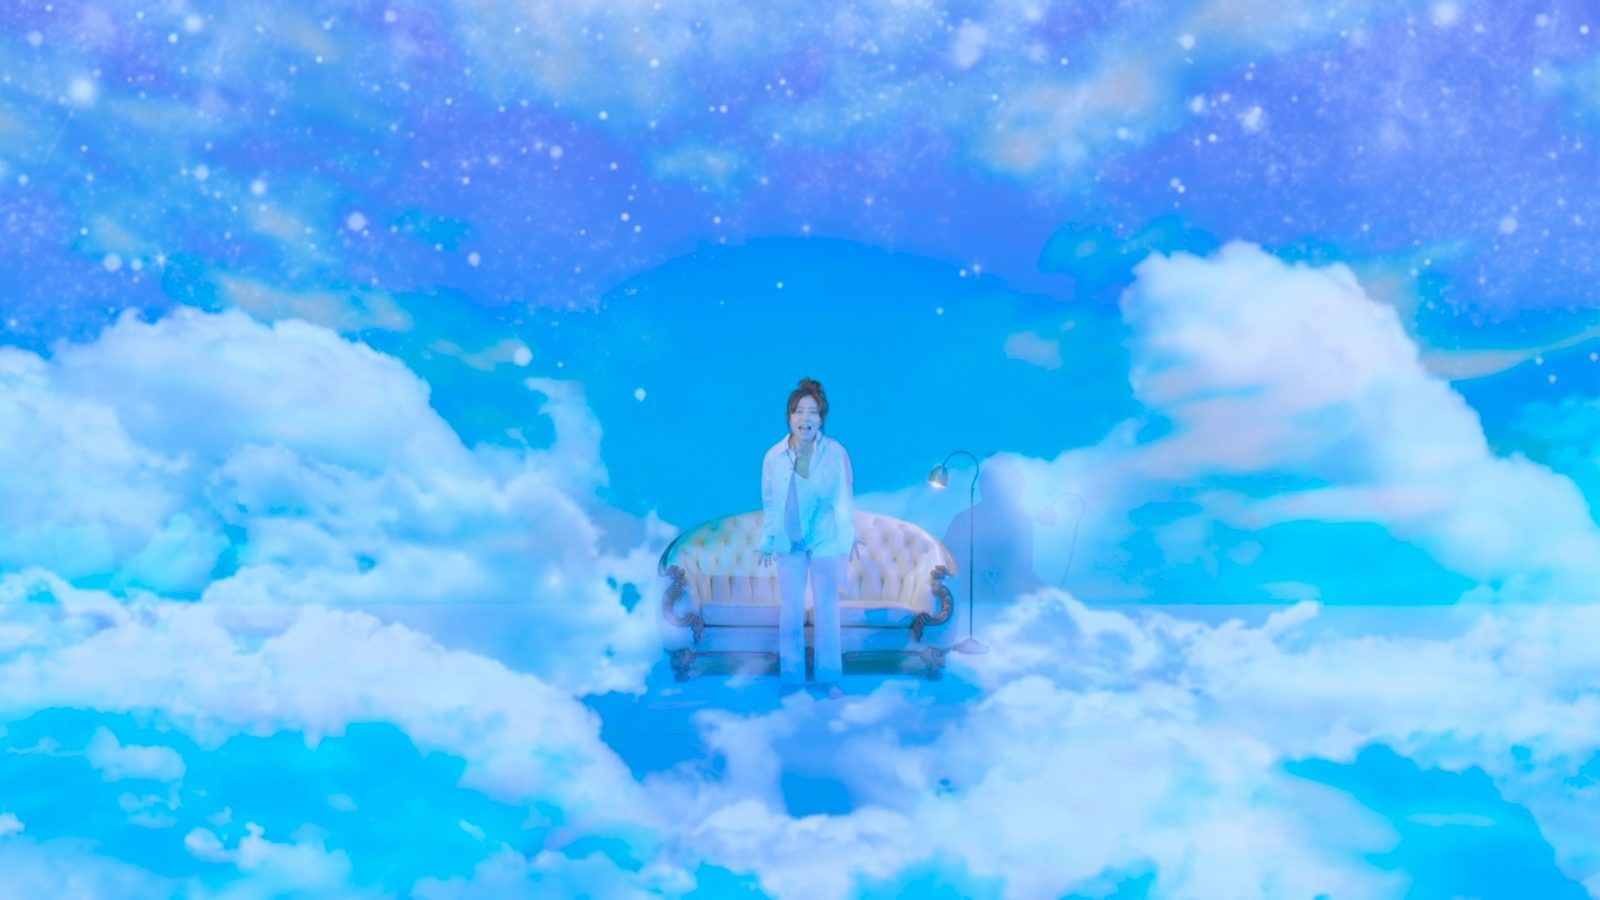 シンガーソングライター・桐嶋ノドカ、プロジェクションマッピングとシンクロした異空間MVを公開サムネイル画像